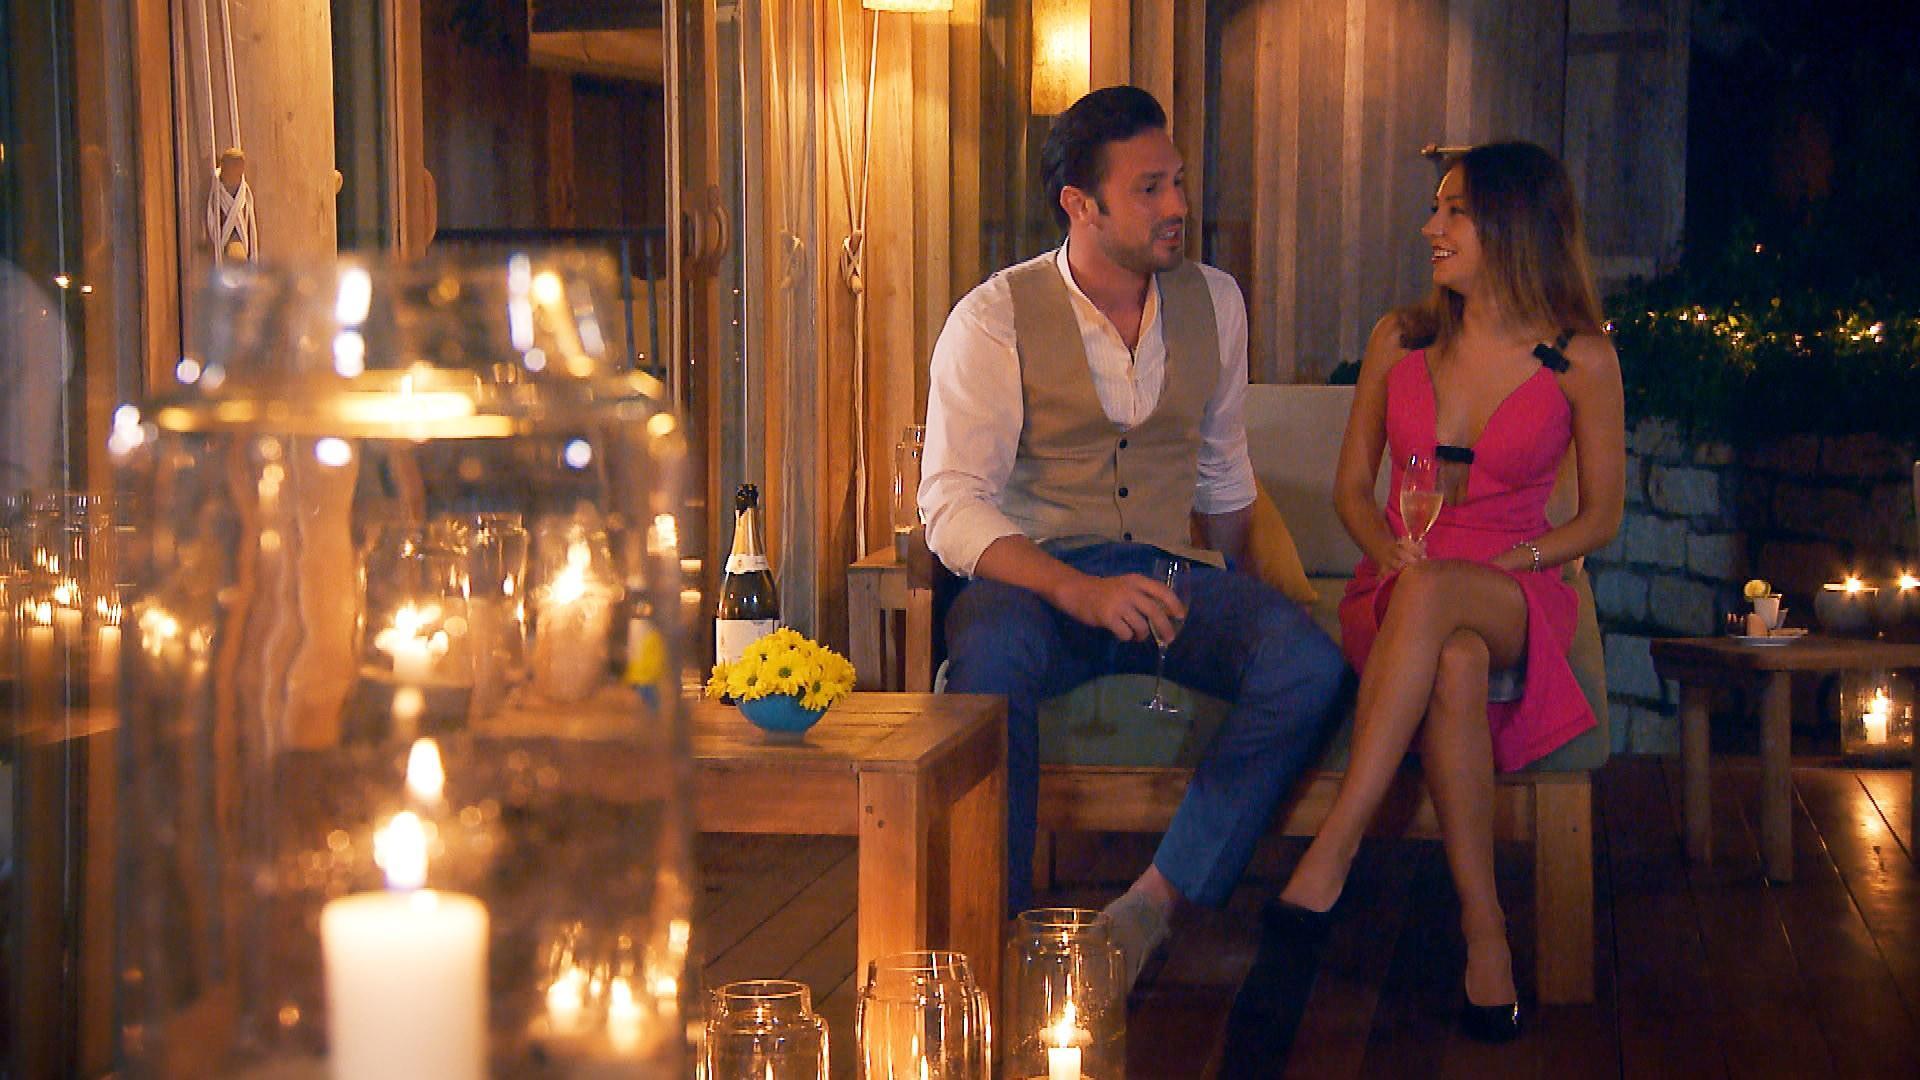 Daniel und Kristina genießen die Zeit bei einem romantischen Candle-Light-Dinner.